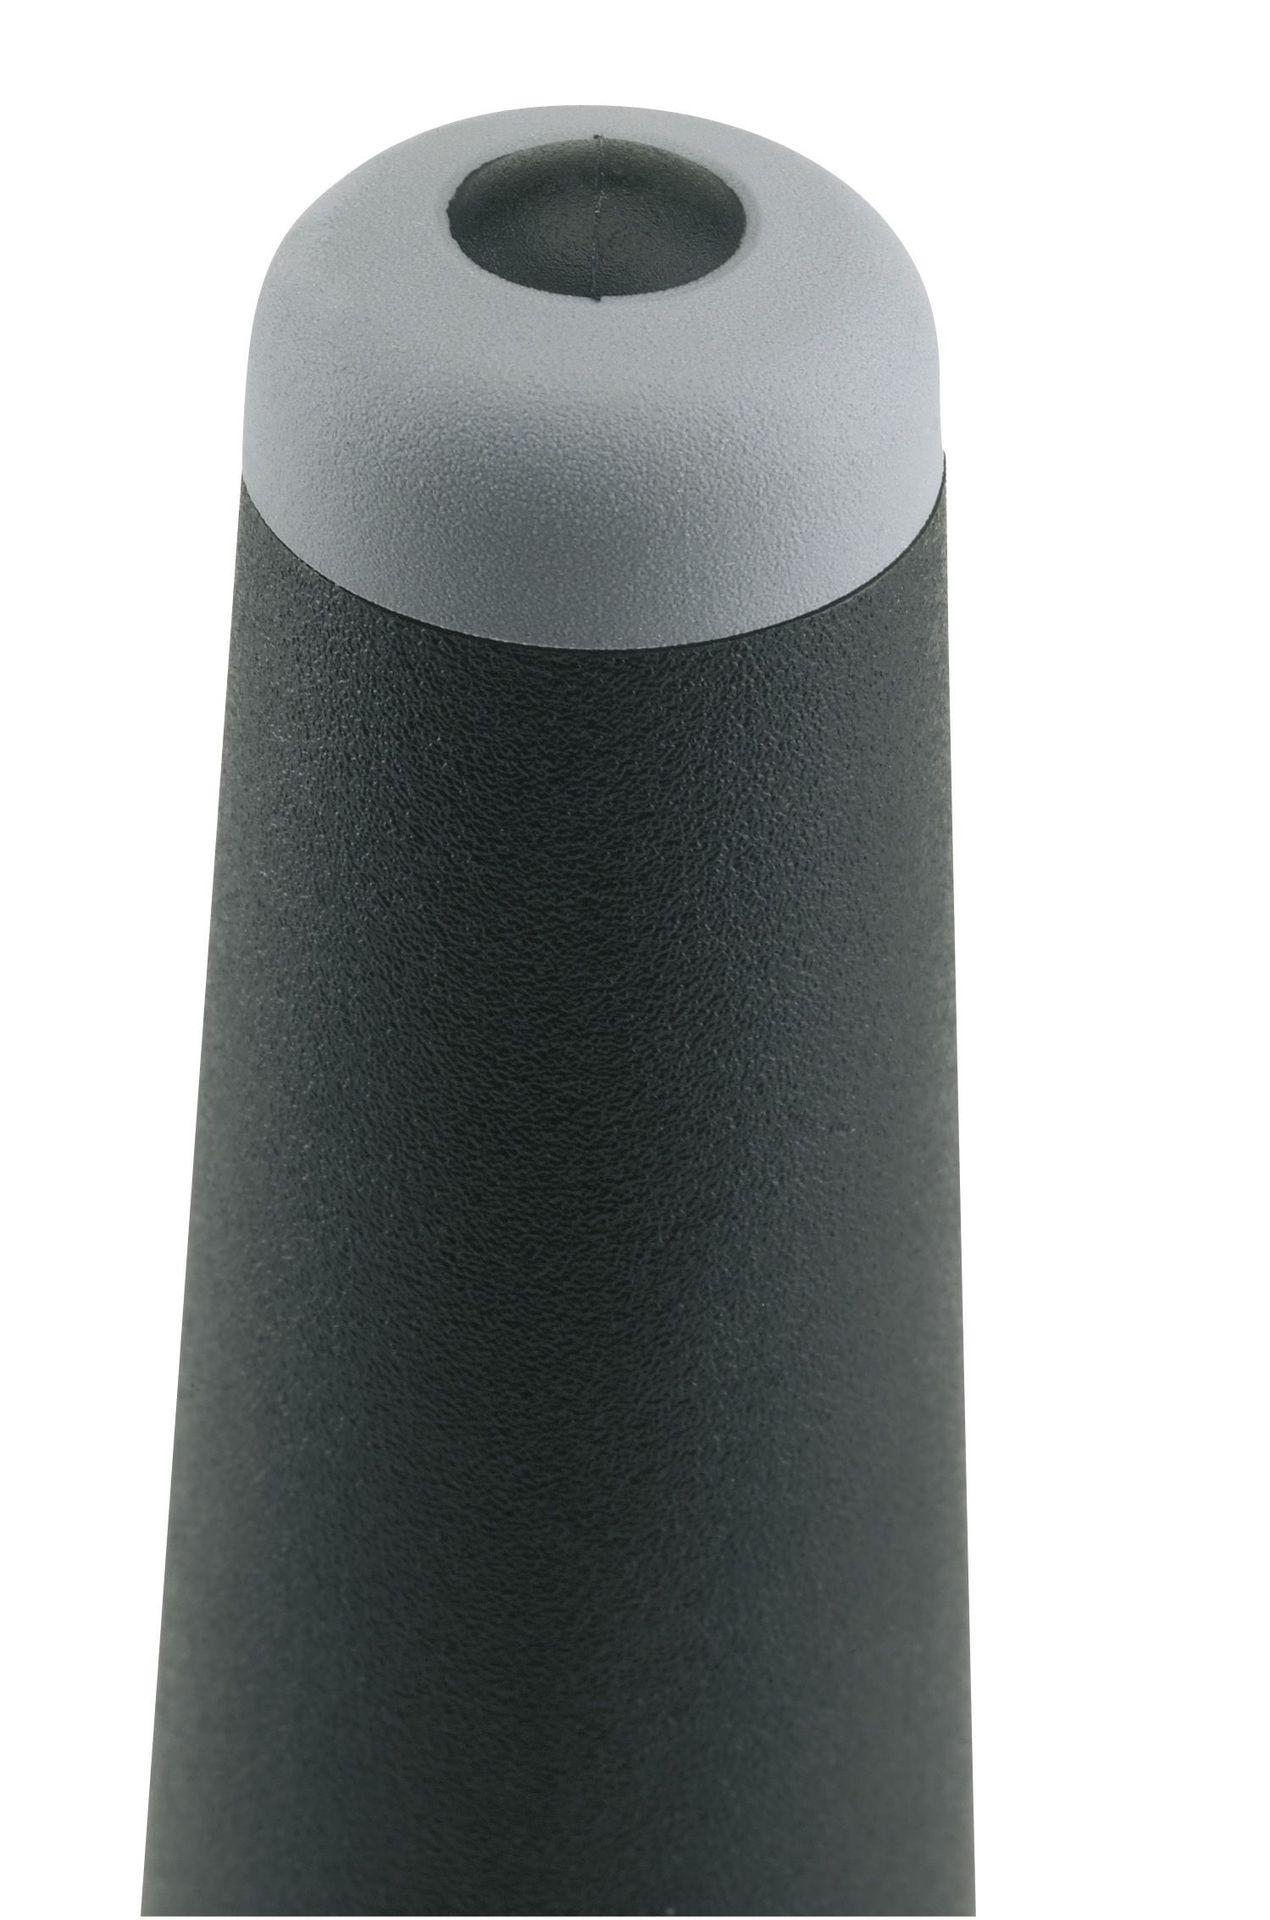 K&M 152/1 Trompetenständer 15210  im Schallstück transportierbar